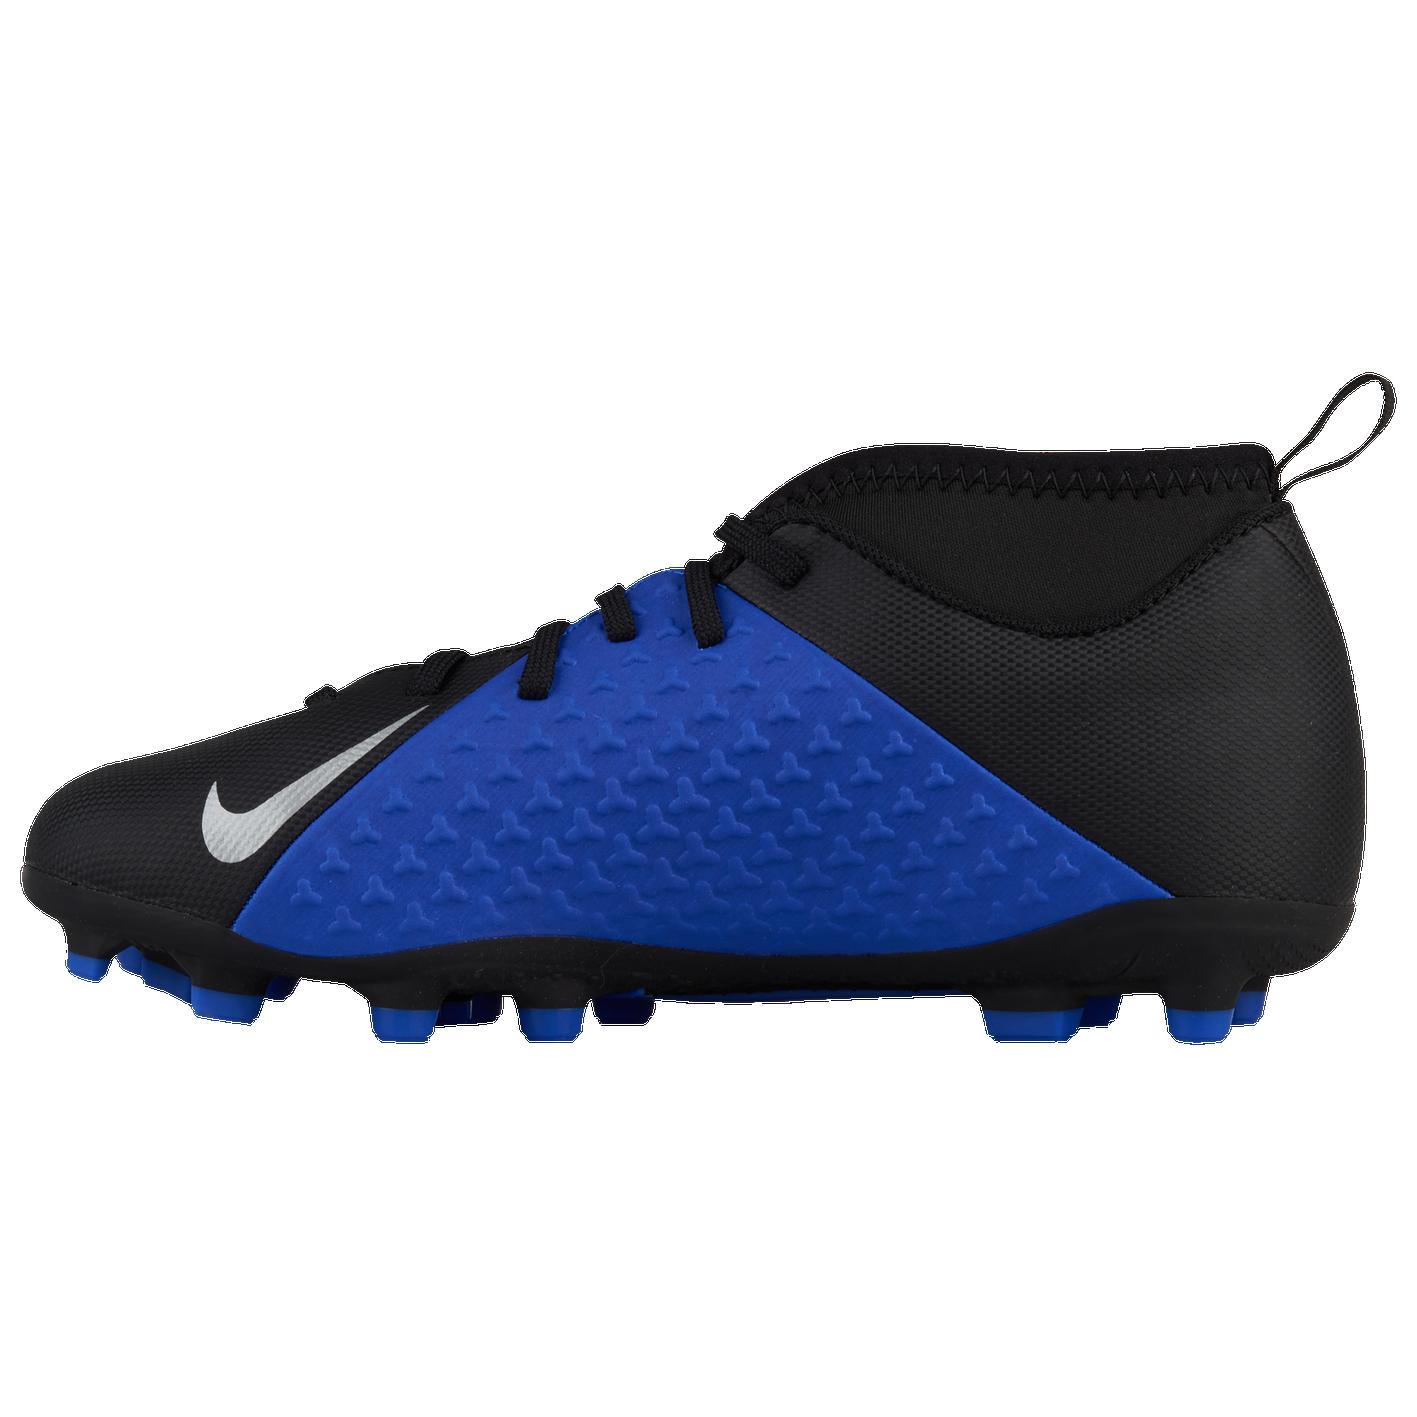 e1b40872731 Nike Phantom Vision Club DF MG - Boys  Grade School - Soccer - Shoes ...